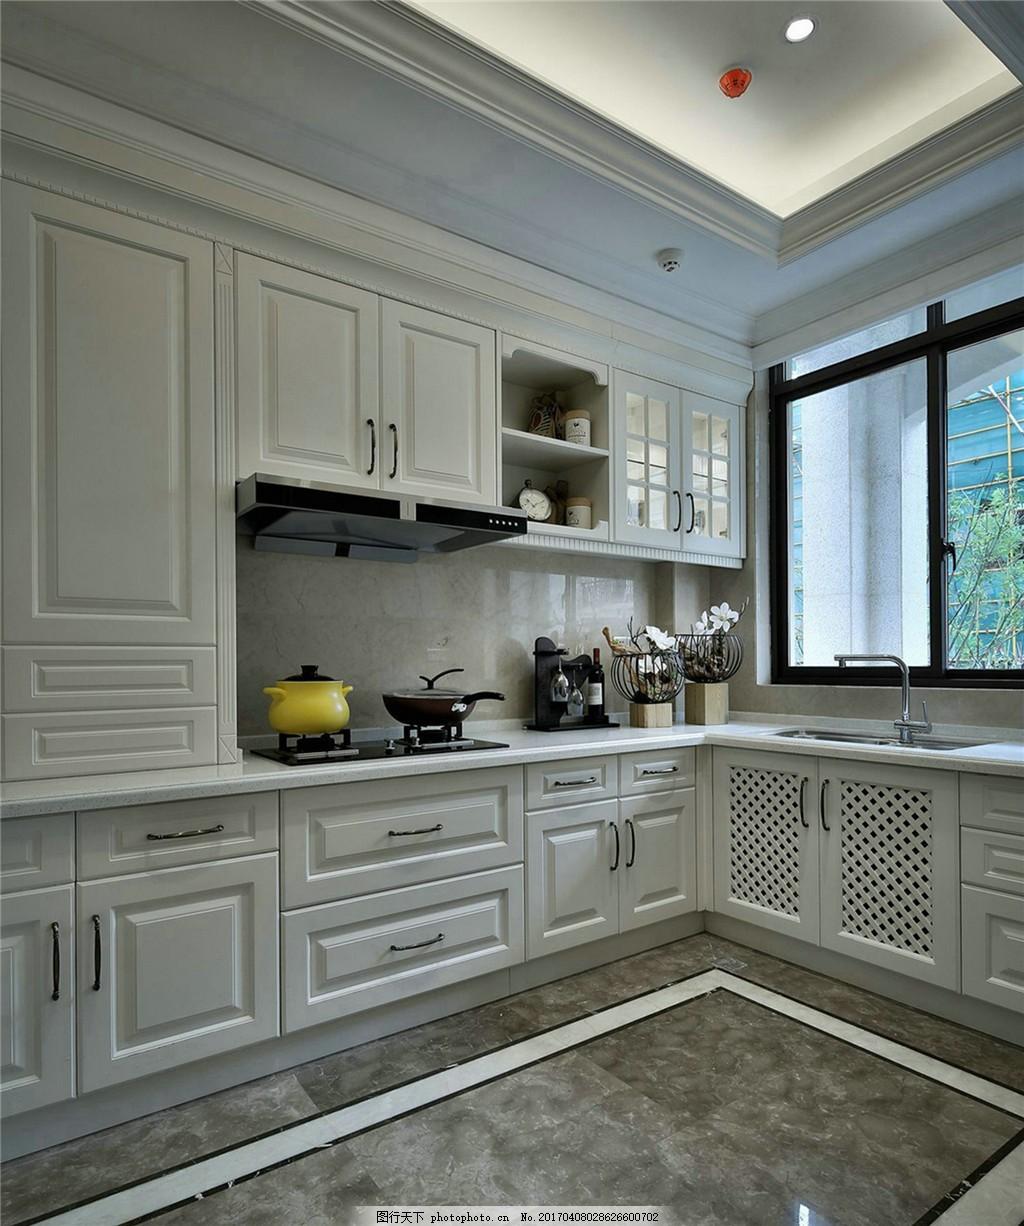 现代别墅开放式厨房装修效果图 室内设计 家装效果图 欧式装修效果图